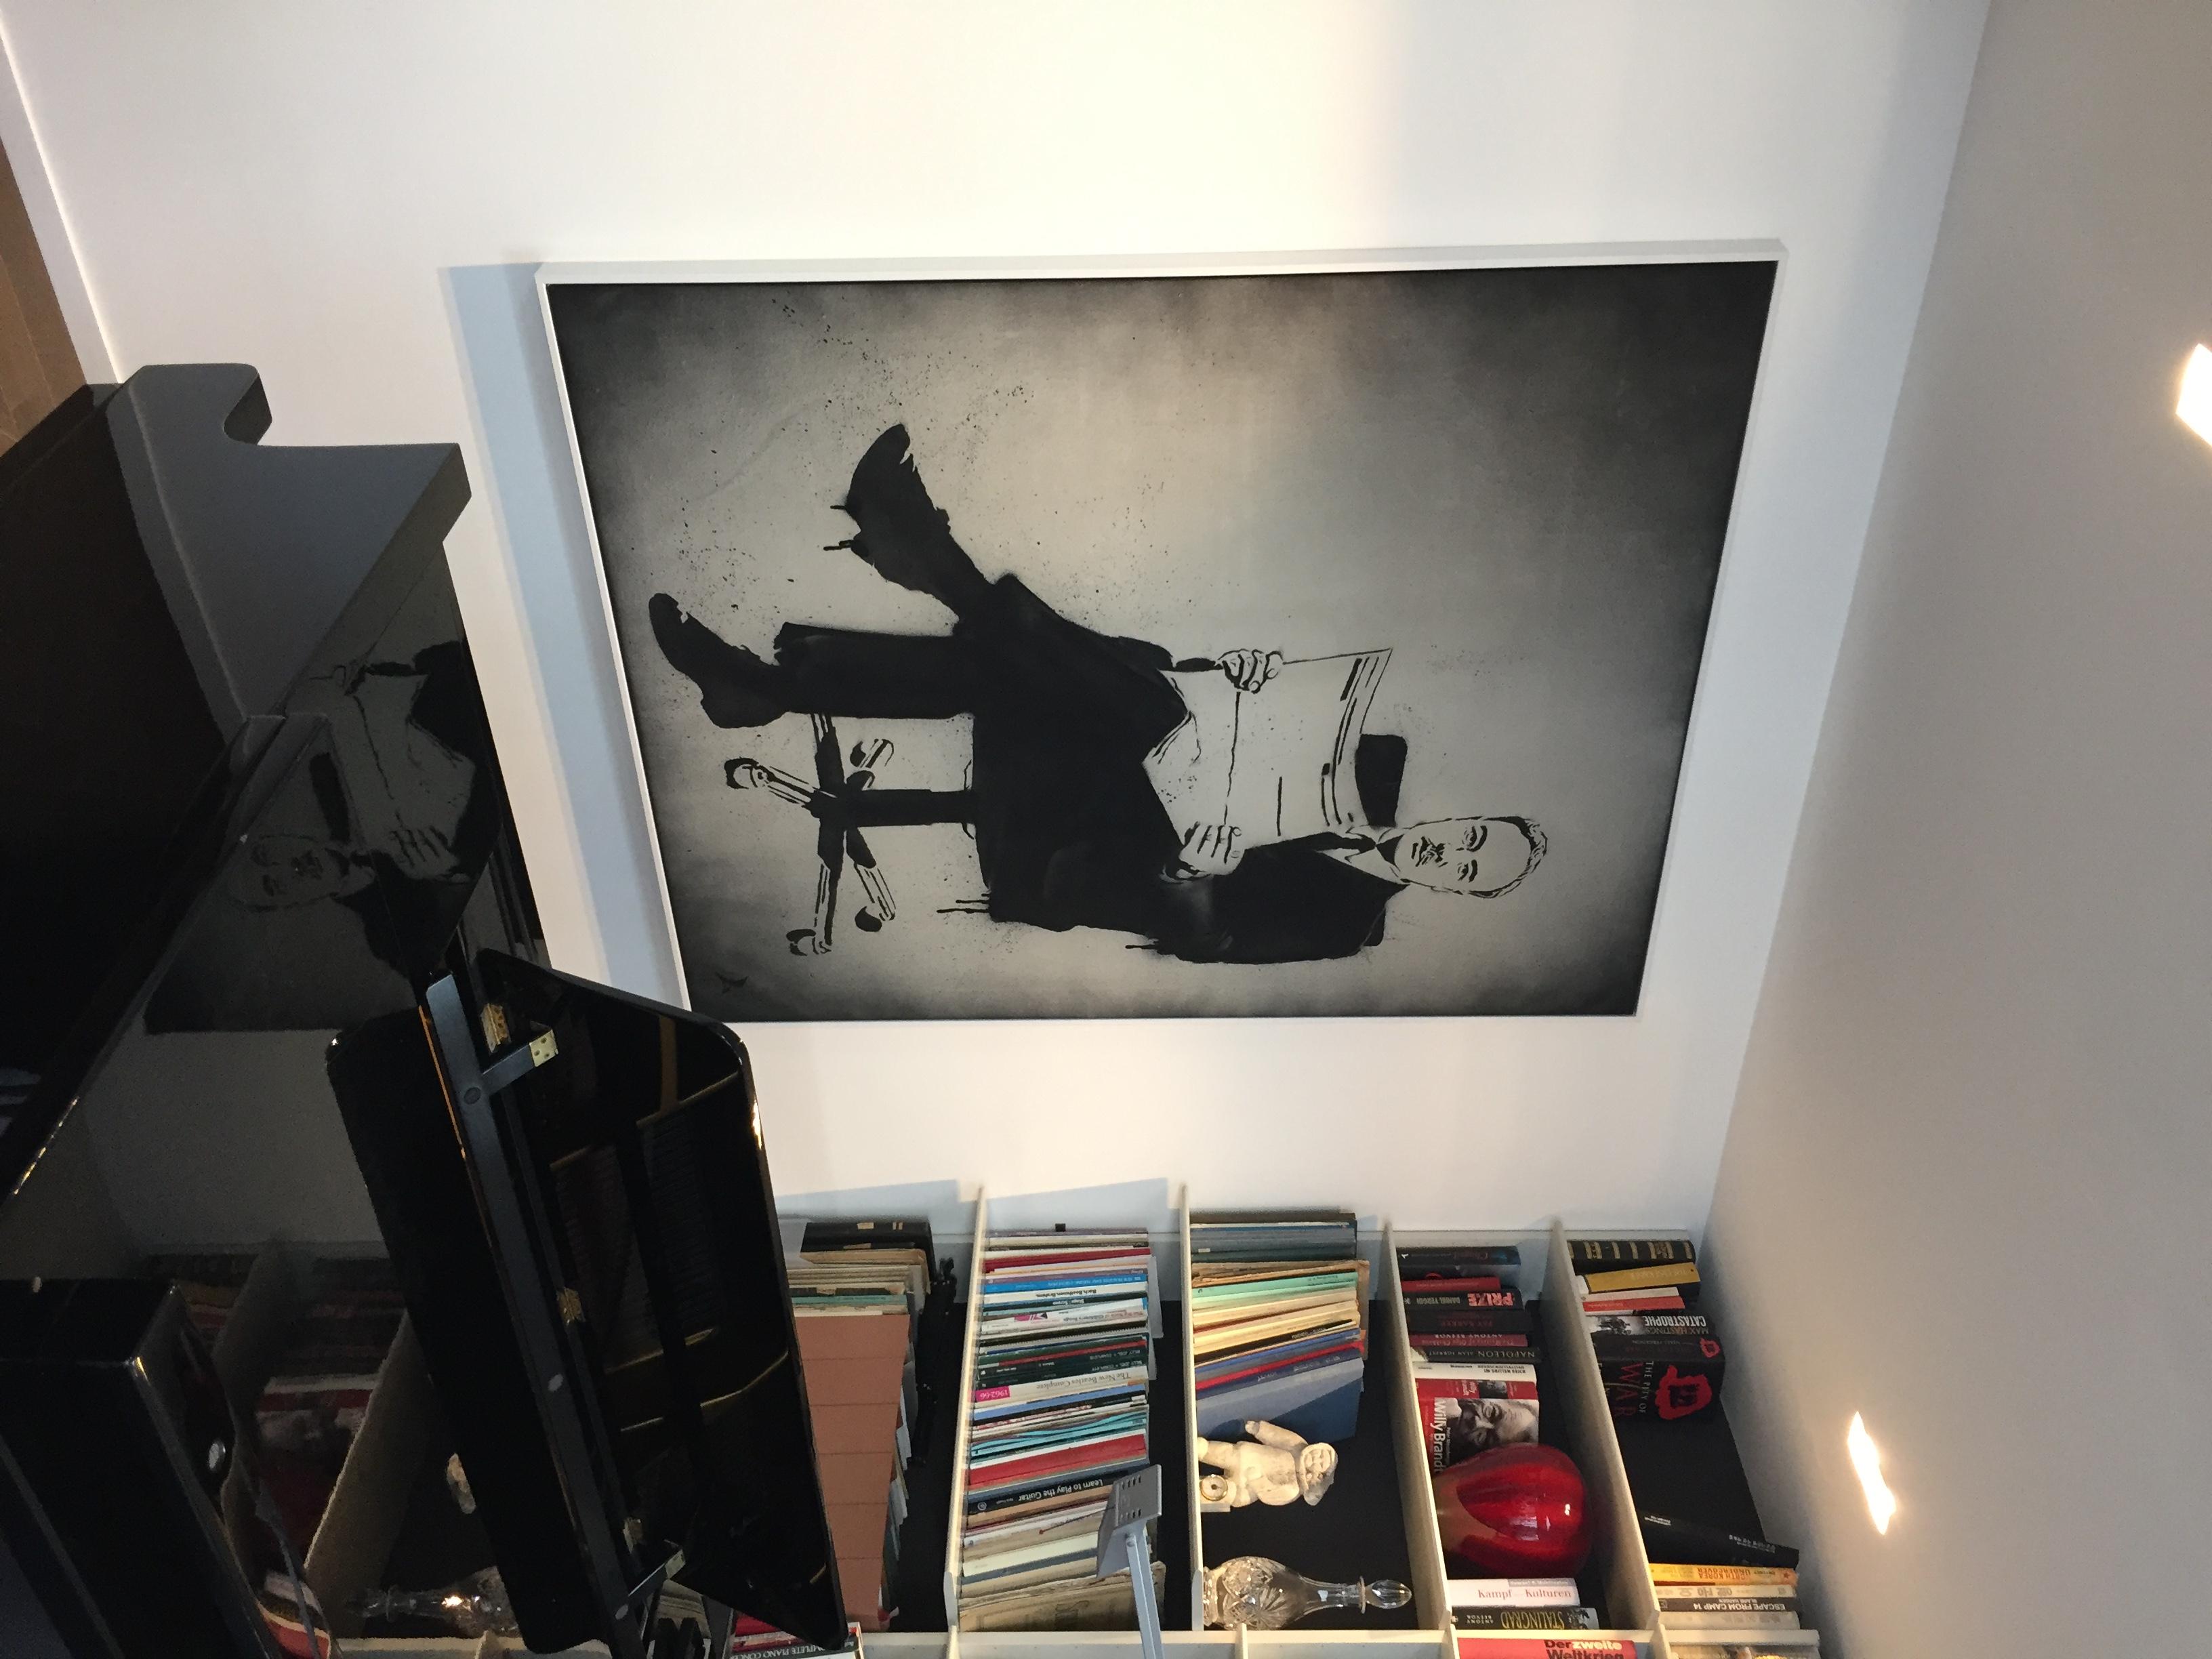 몽양 여운형-영국에 계신 유족분에게 기증한 작품-현지에서 보내주신 사진.